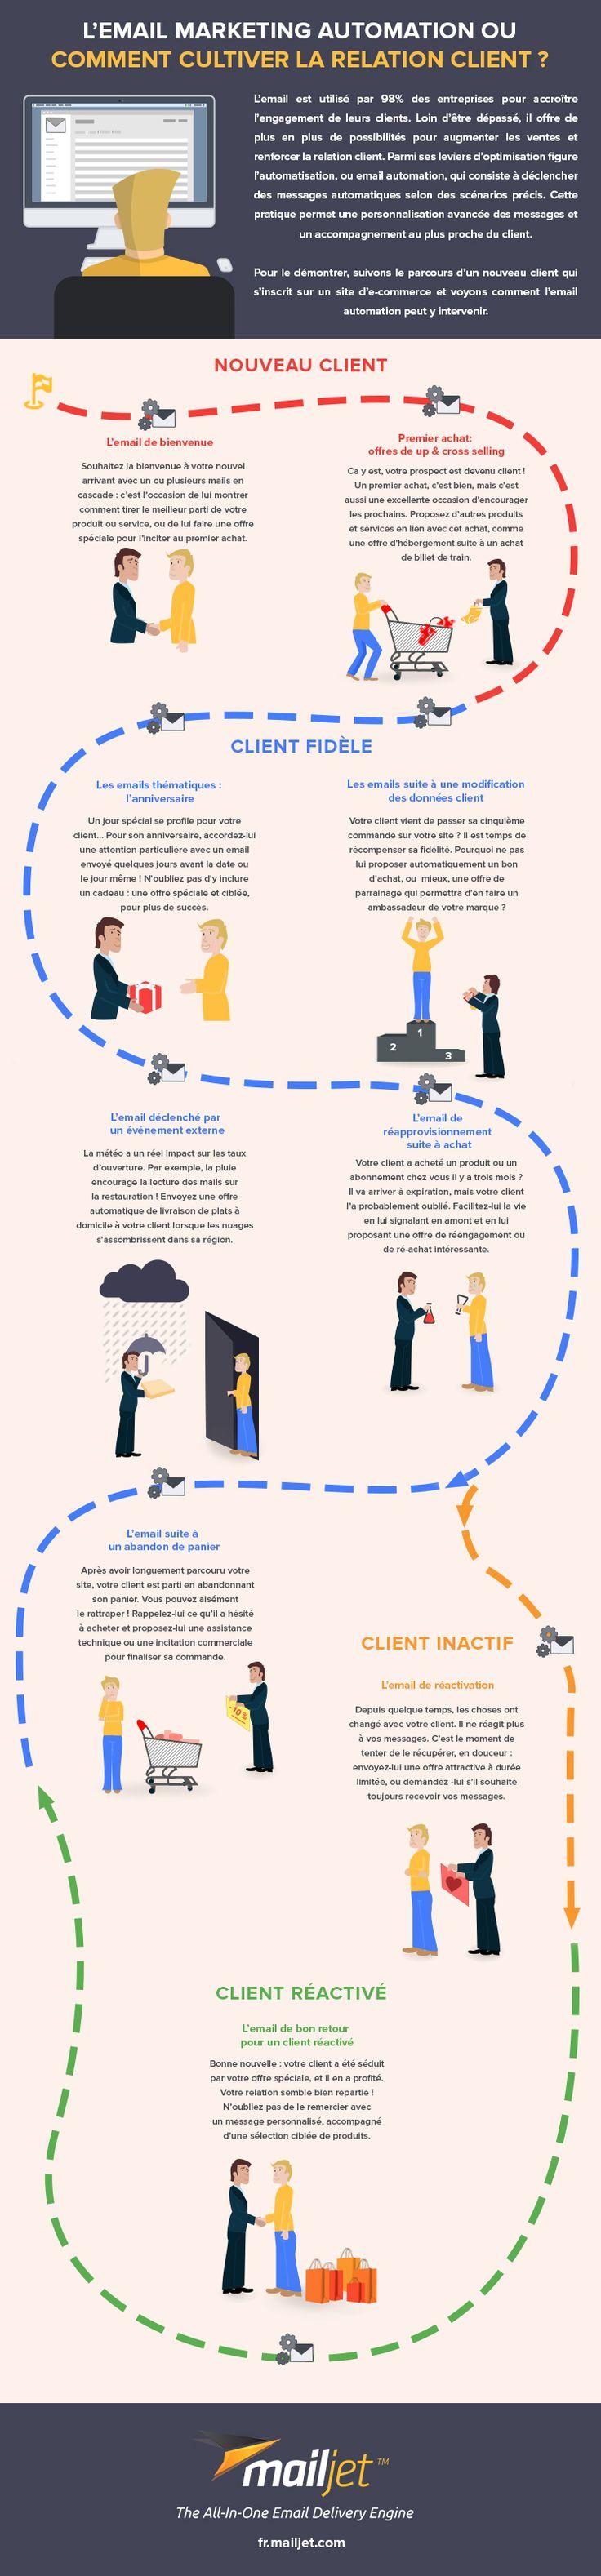 [Infographie] Emails automatisés - comment cultiver la relation client? #digital…